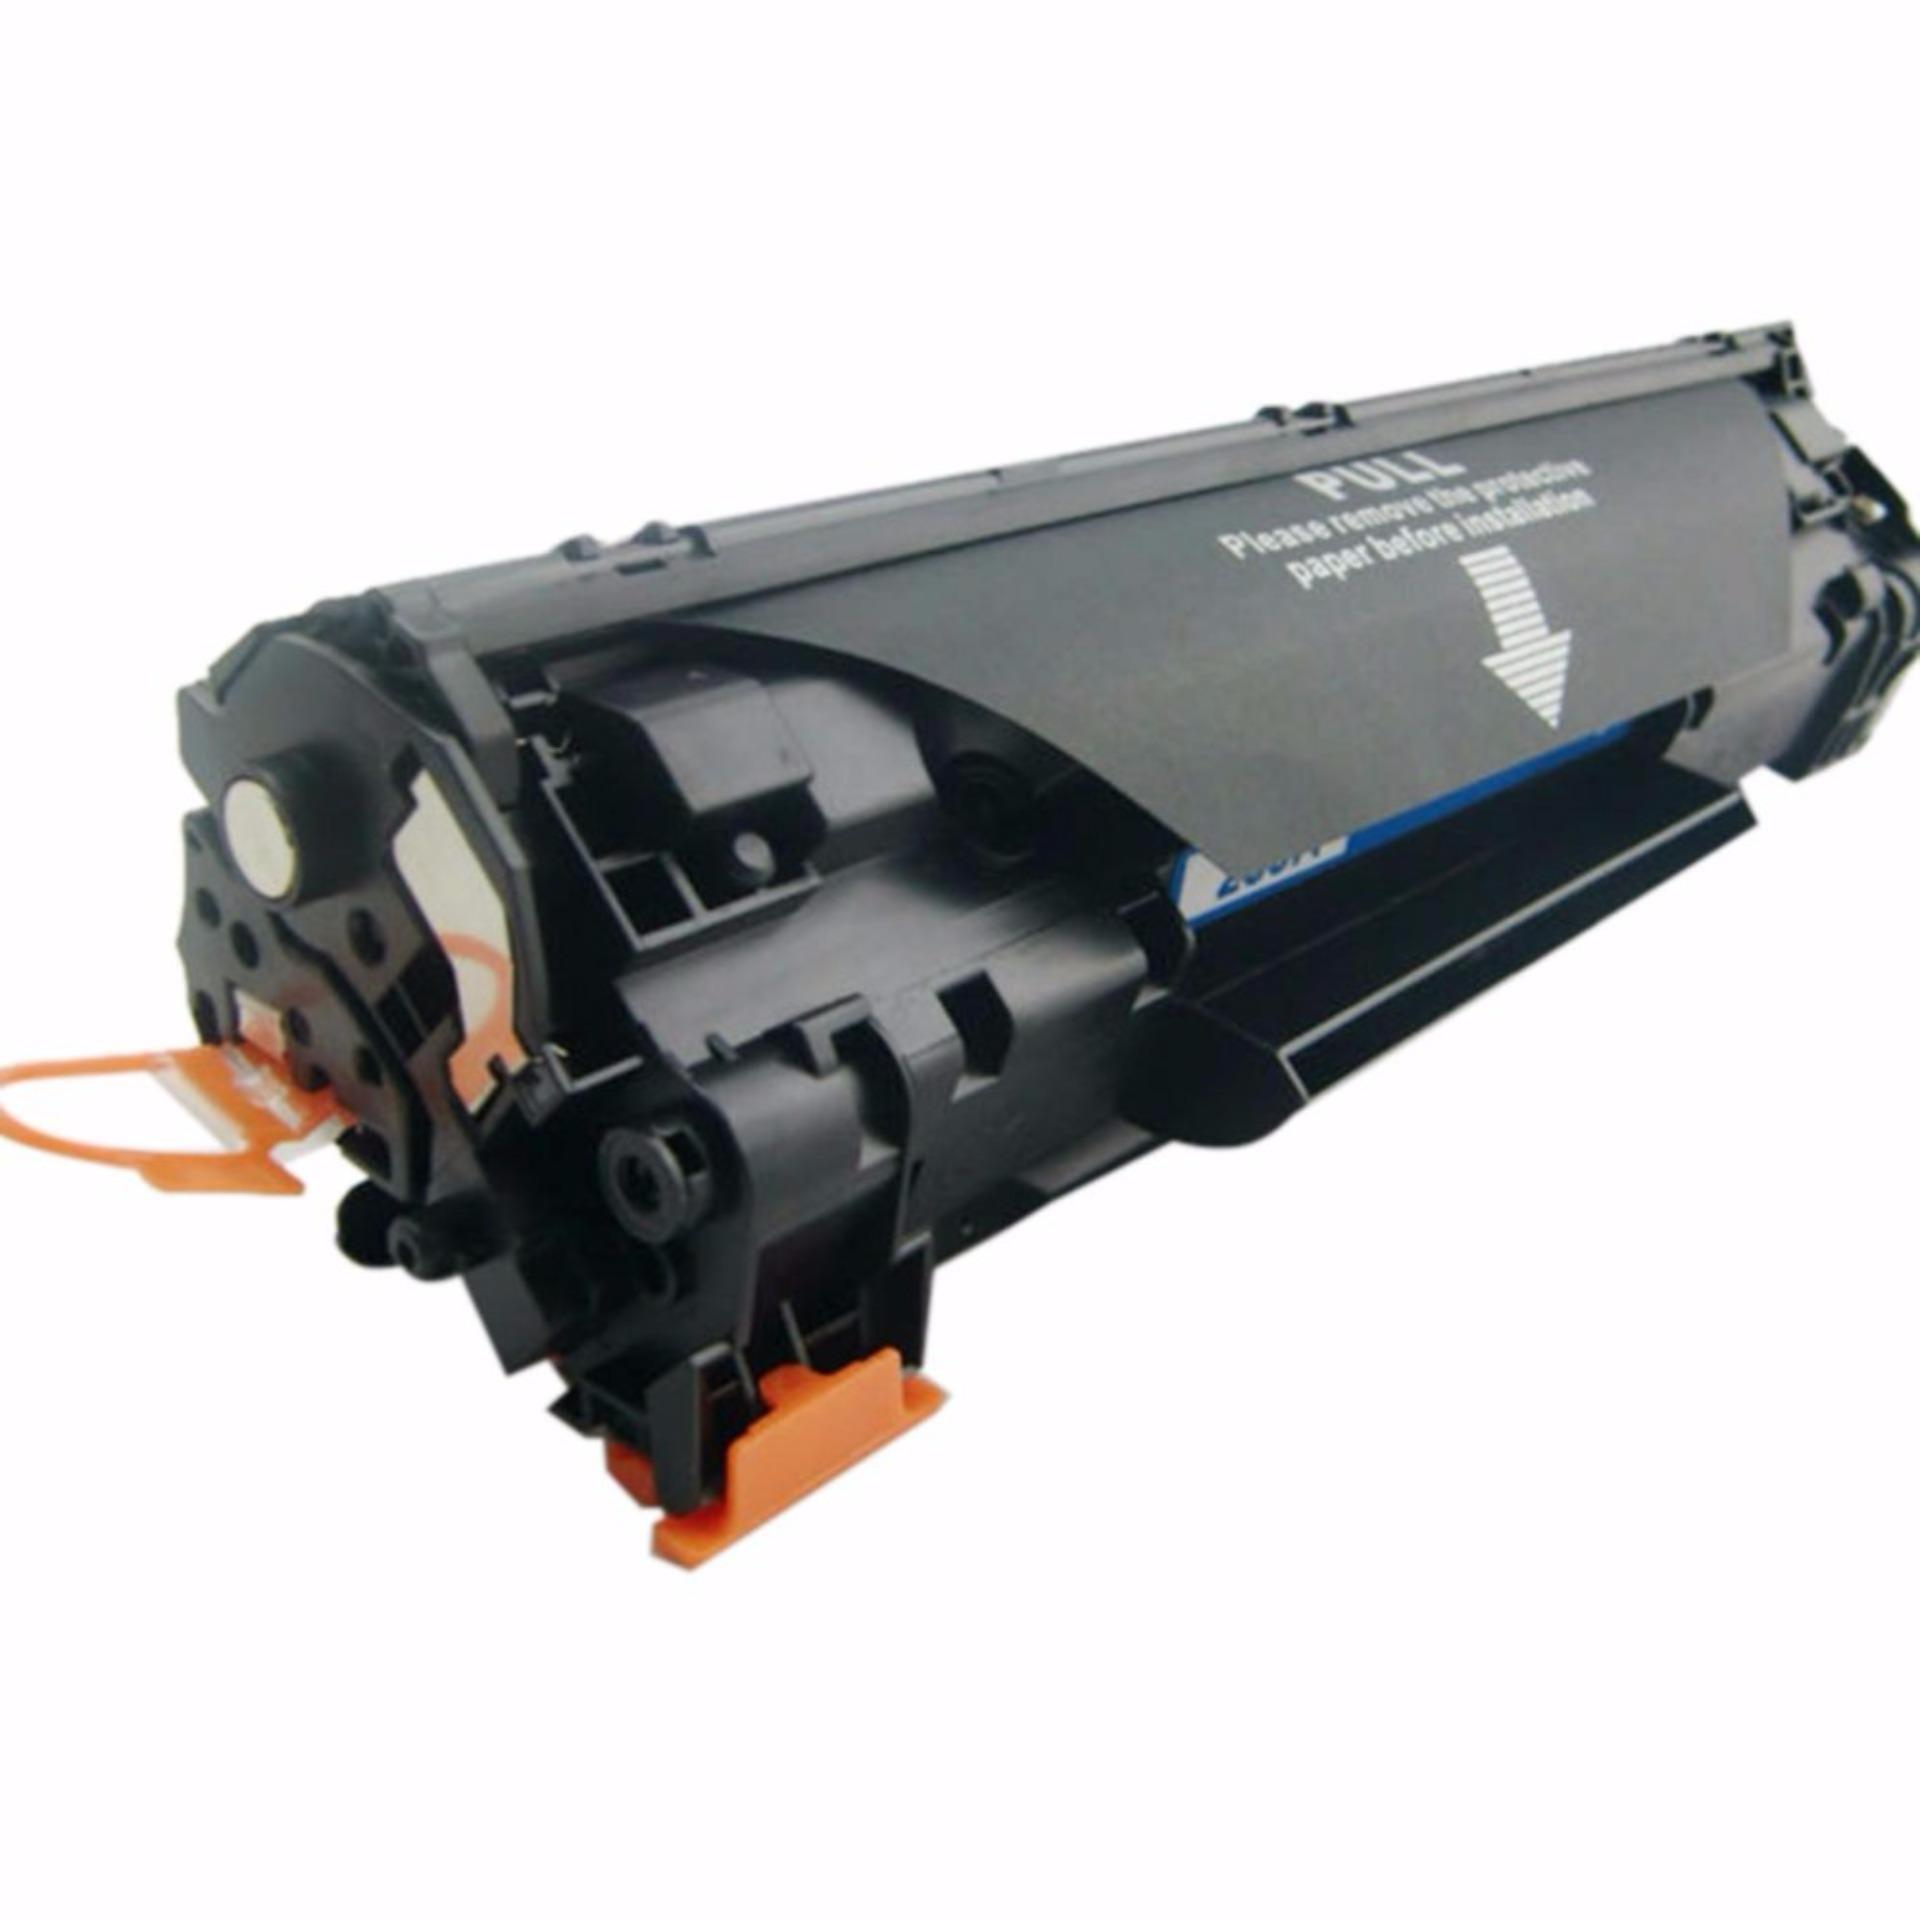 Hình ảnh Hộp Mực Máy In HP LaserJet P1102w (Cartridge: HP CR'G-35A/36A/85A Canon EP-312/512/712/912/313/513/713/913/125/325/725: Màu đen - Mới 100%)